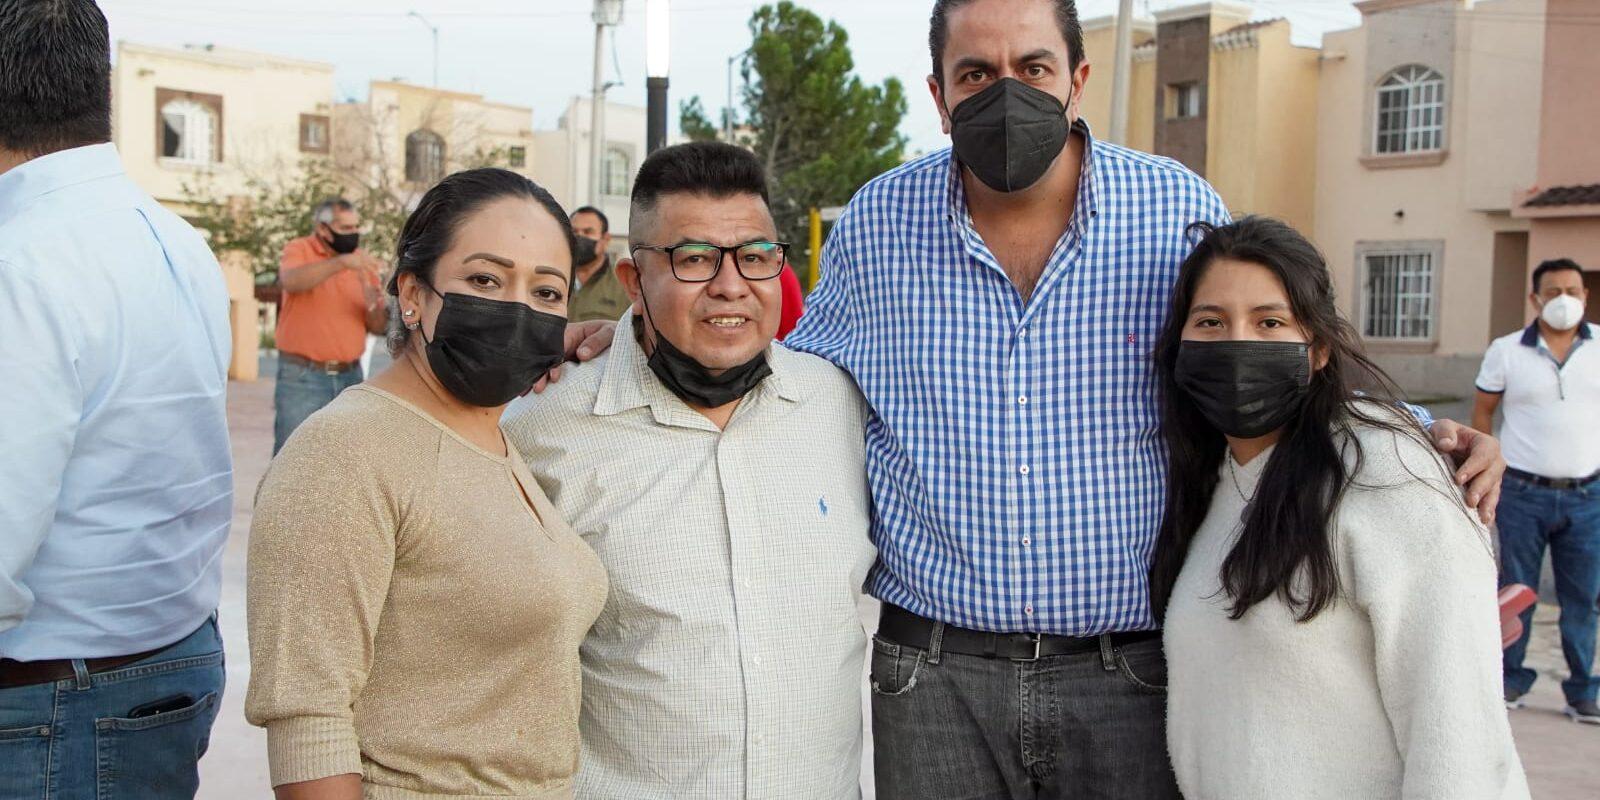 Sigue Chema Morales mejorando espacios públicos en Ramos